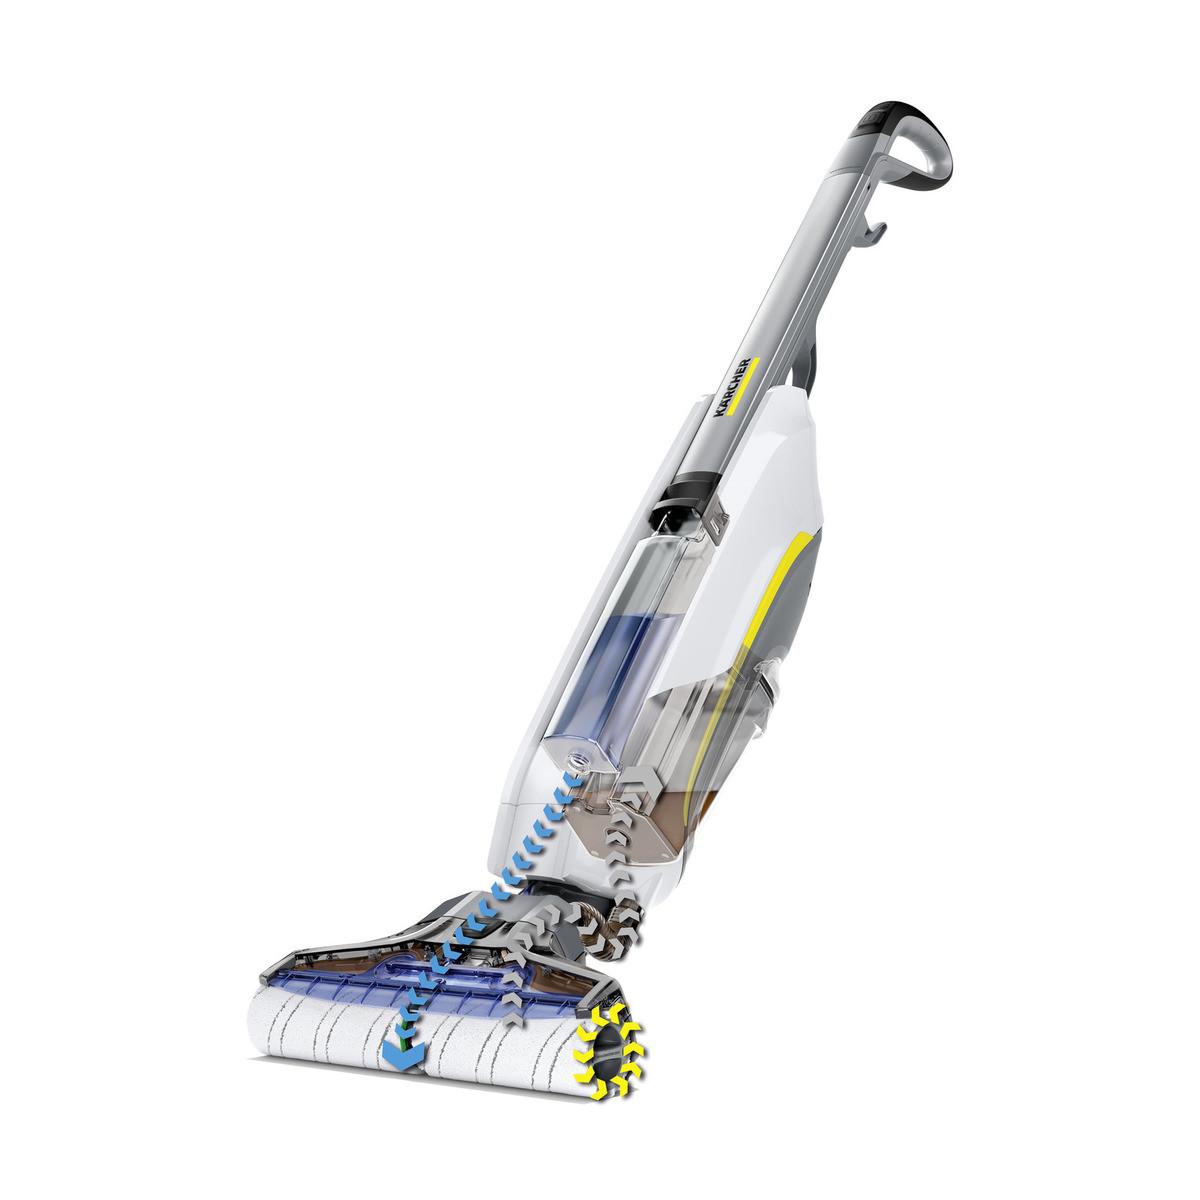 Аппарат для влажной уборки пола FC 5 PREMIUM (WHITE) KARCHER (Поломоечная машина для дома)